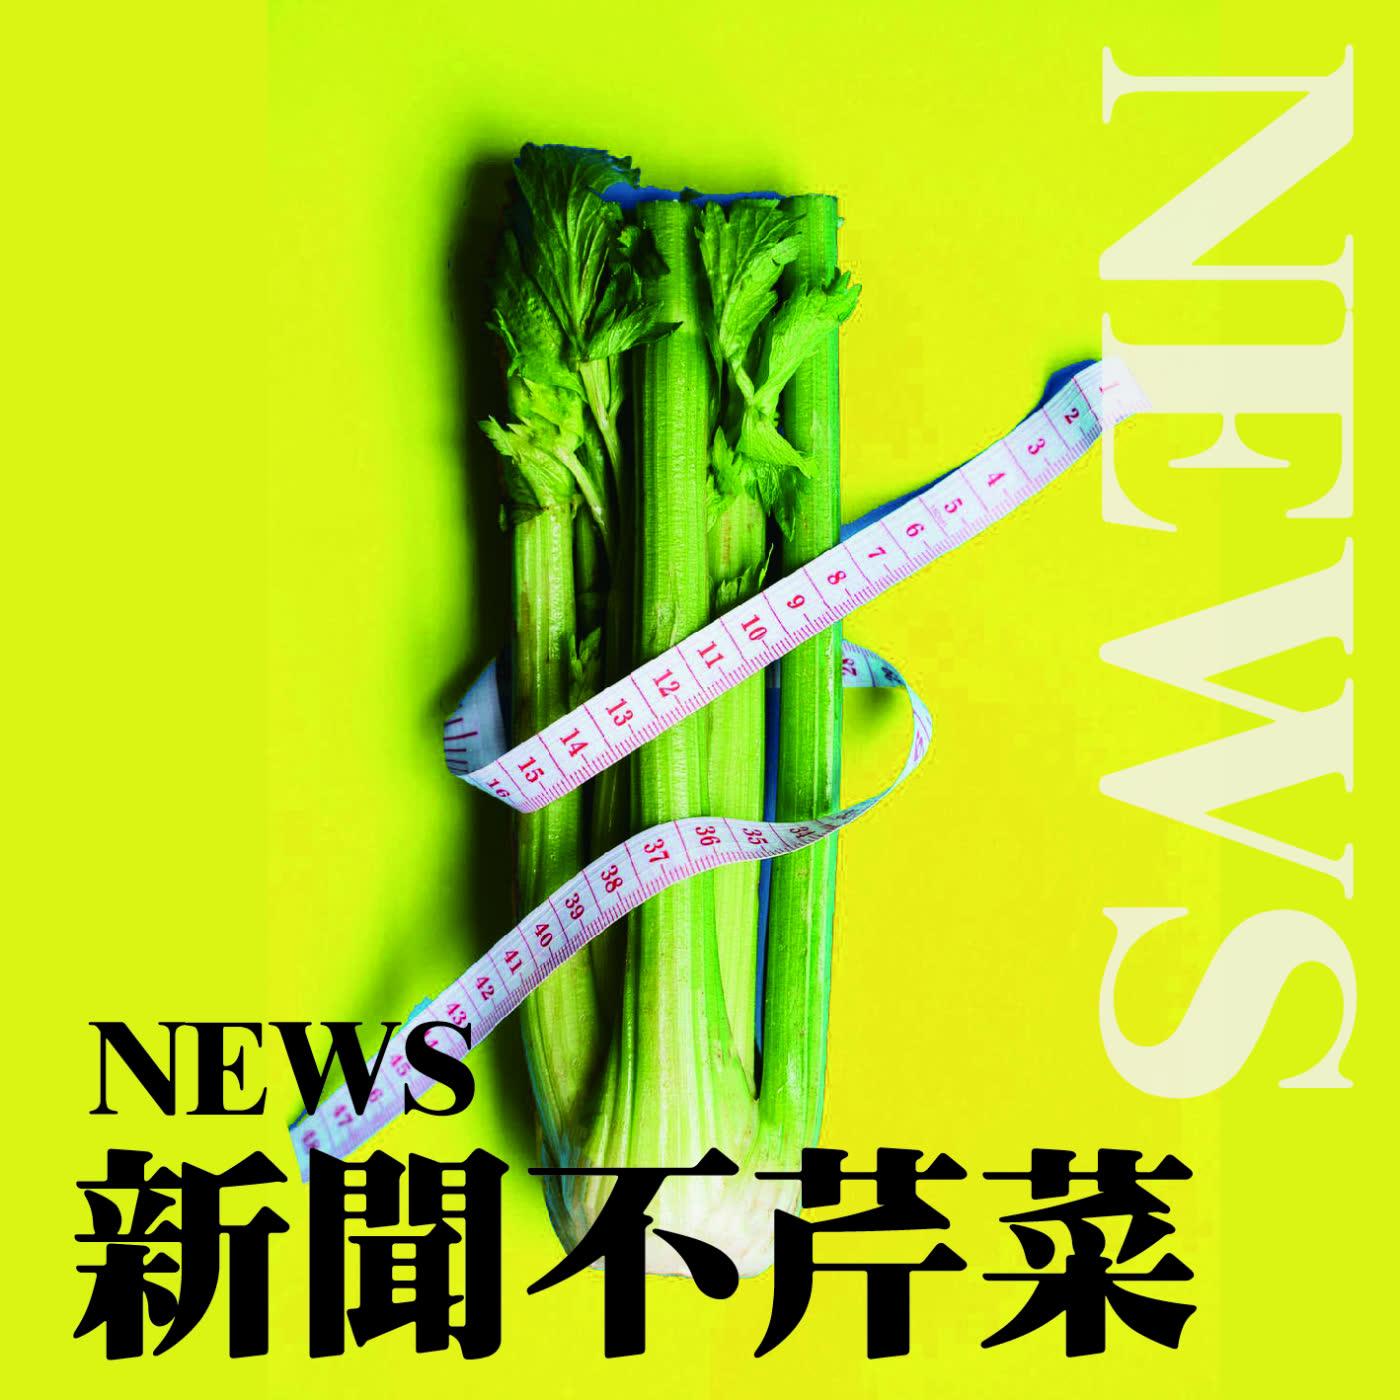 【震傳媒|新聞不芹菜】EP35 |楊文科打什麼如意算盤?